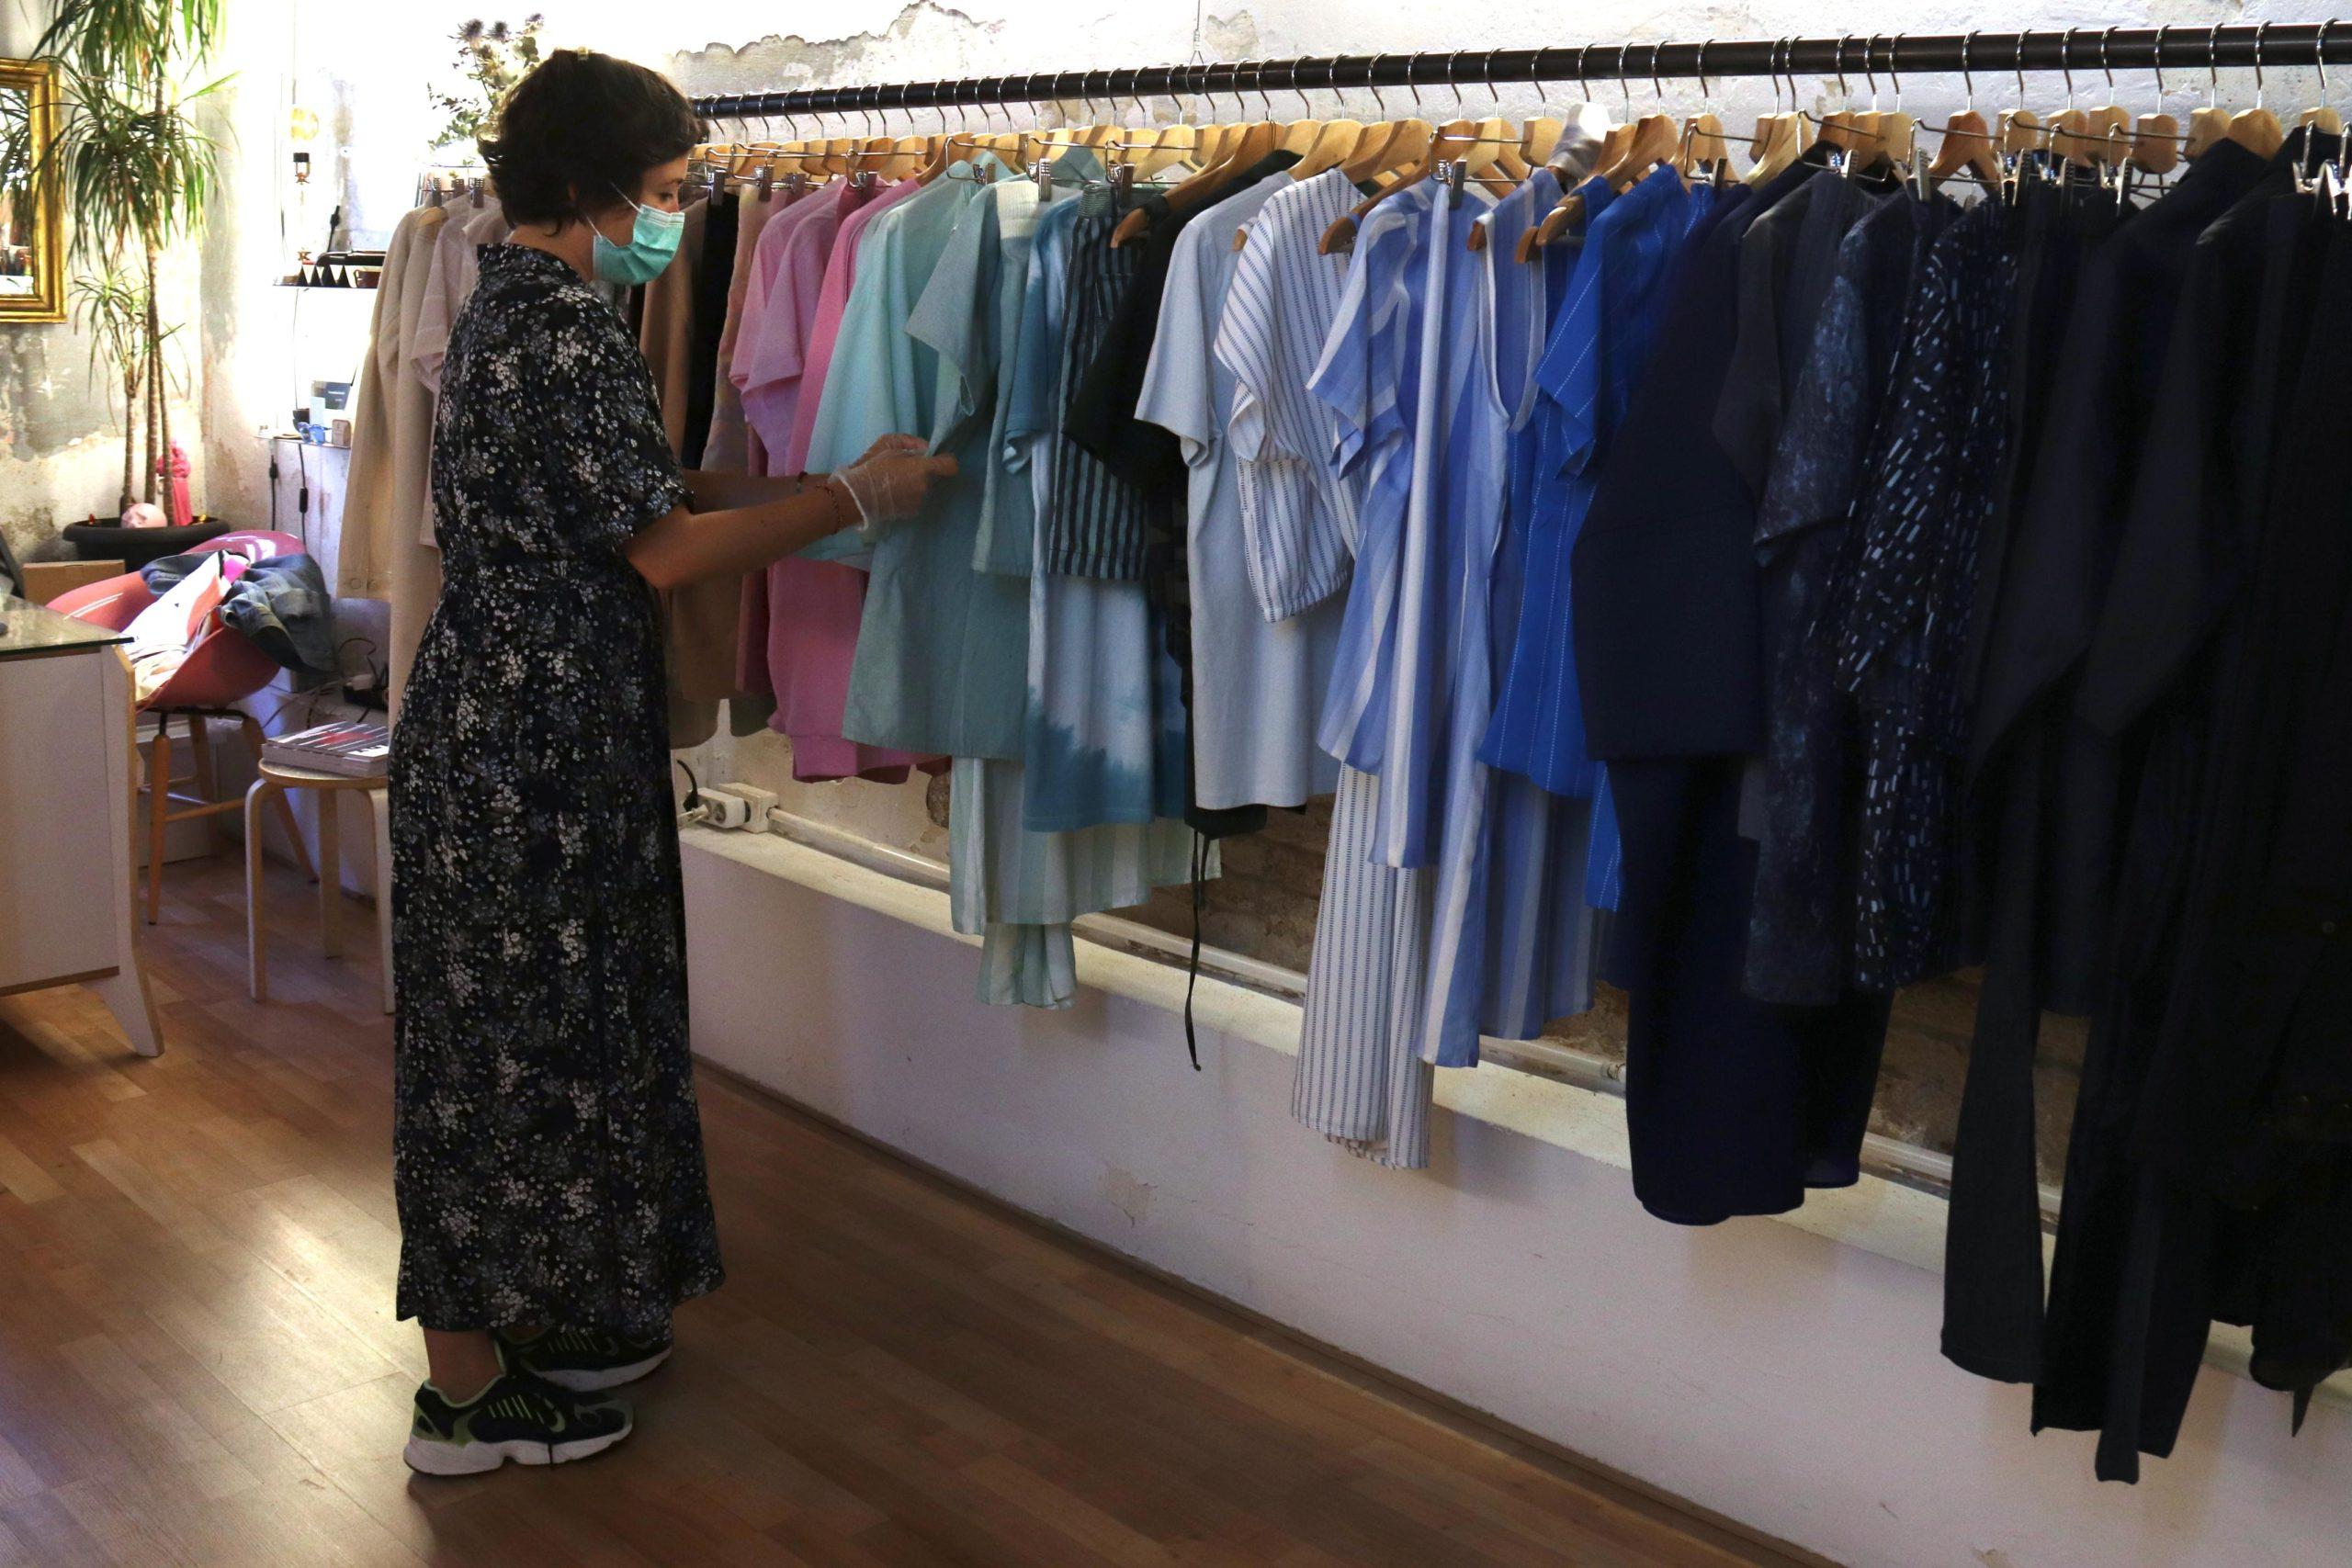 La propietària d'una botiga de roba de Gràcia col·locant bé les peces, el primer dia de fase zero i mig / ACN